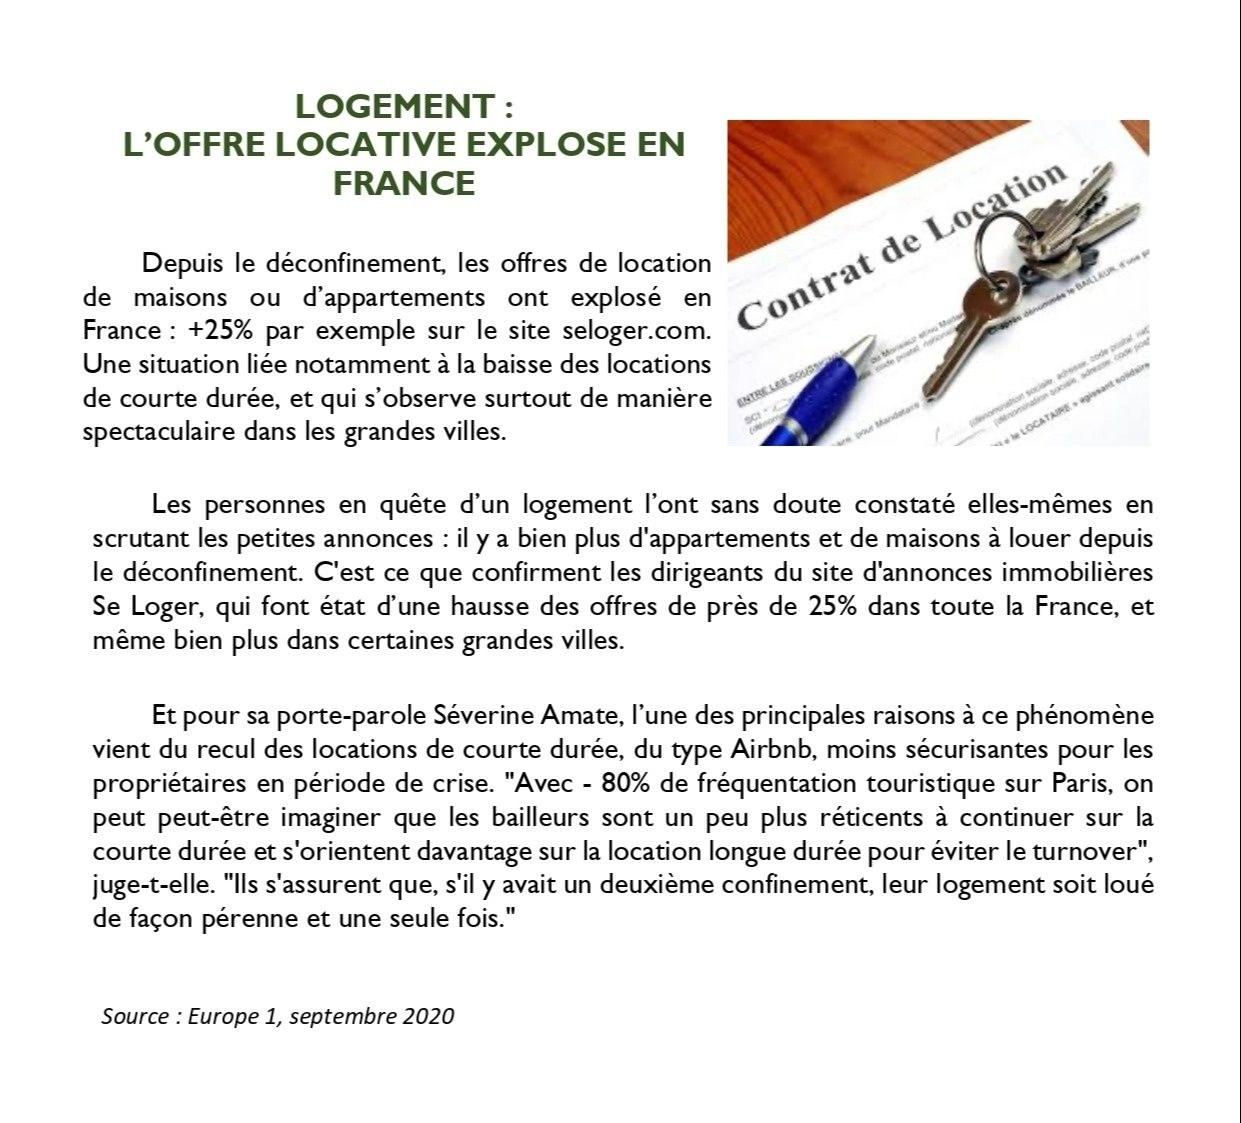 L'offre locative explose en France